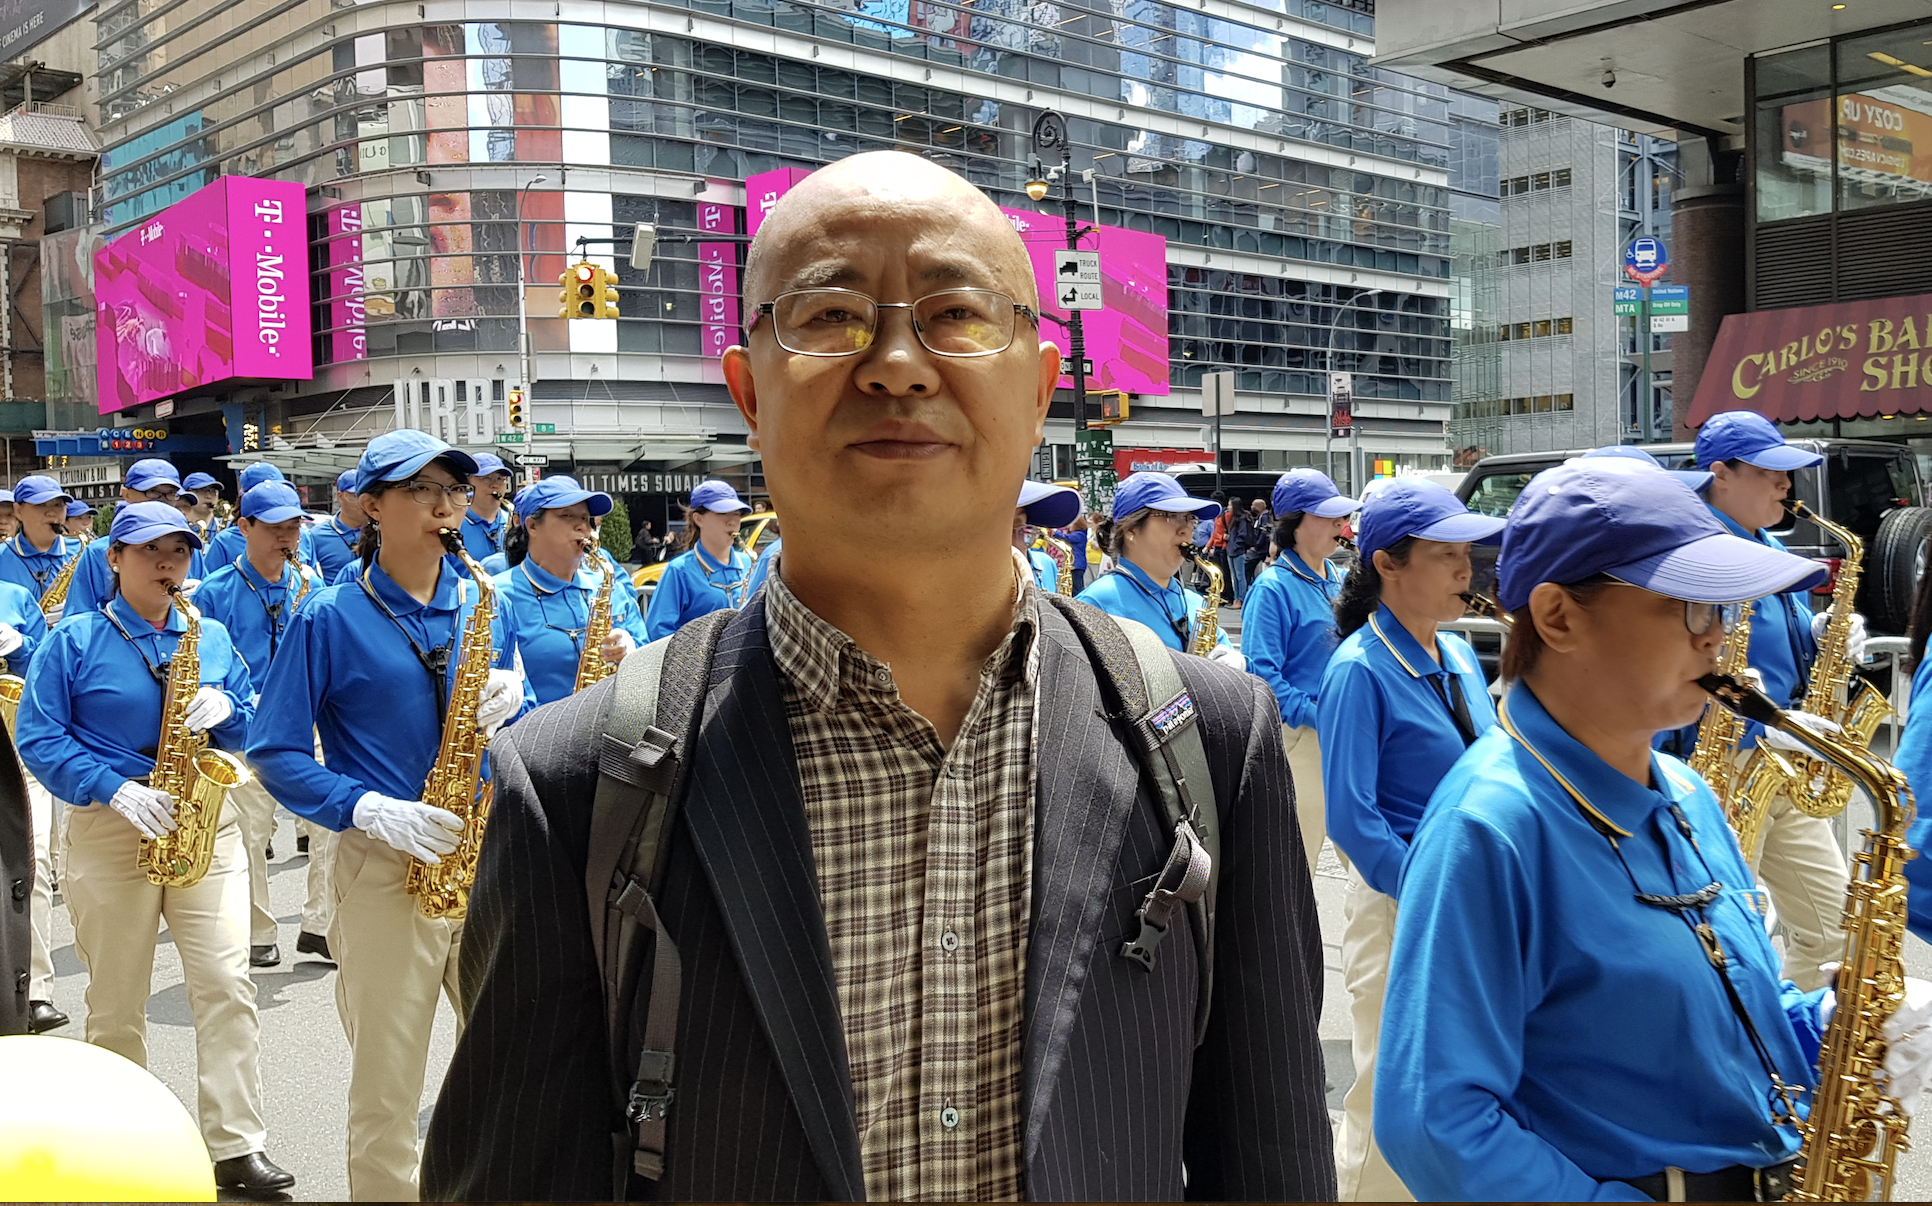 從大陸來美國一年的自由撰稿人、作家張林趕到遊行現場聲援支持法輪功團體。(駱亞/大紀元)